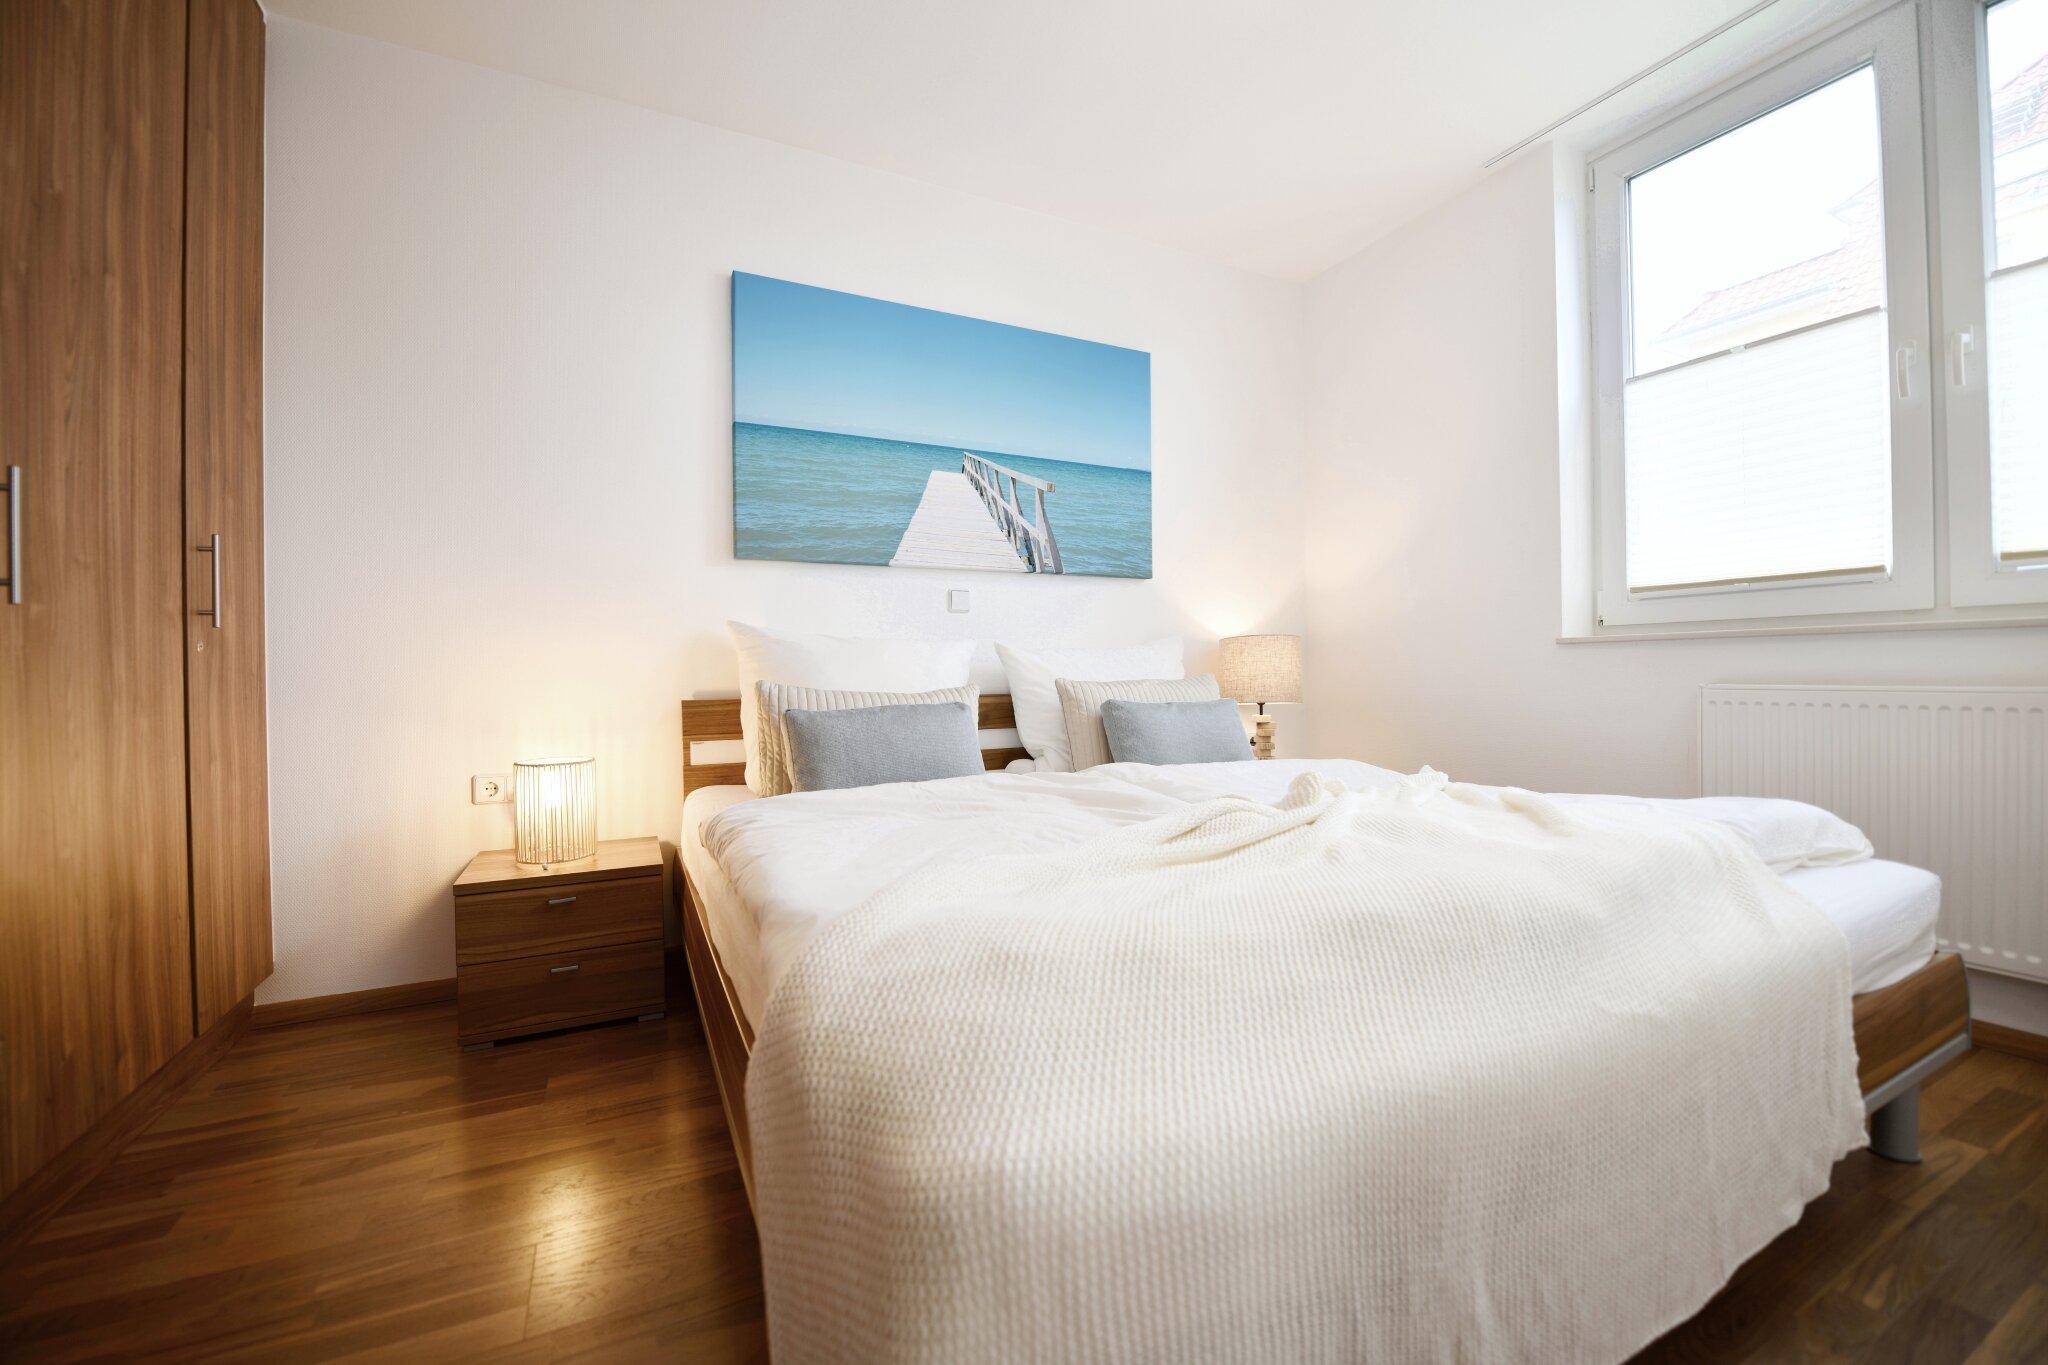 Schlafzimmer 1 mit Laminatfußboden